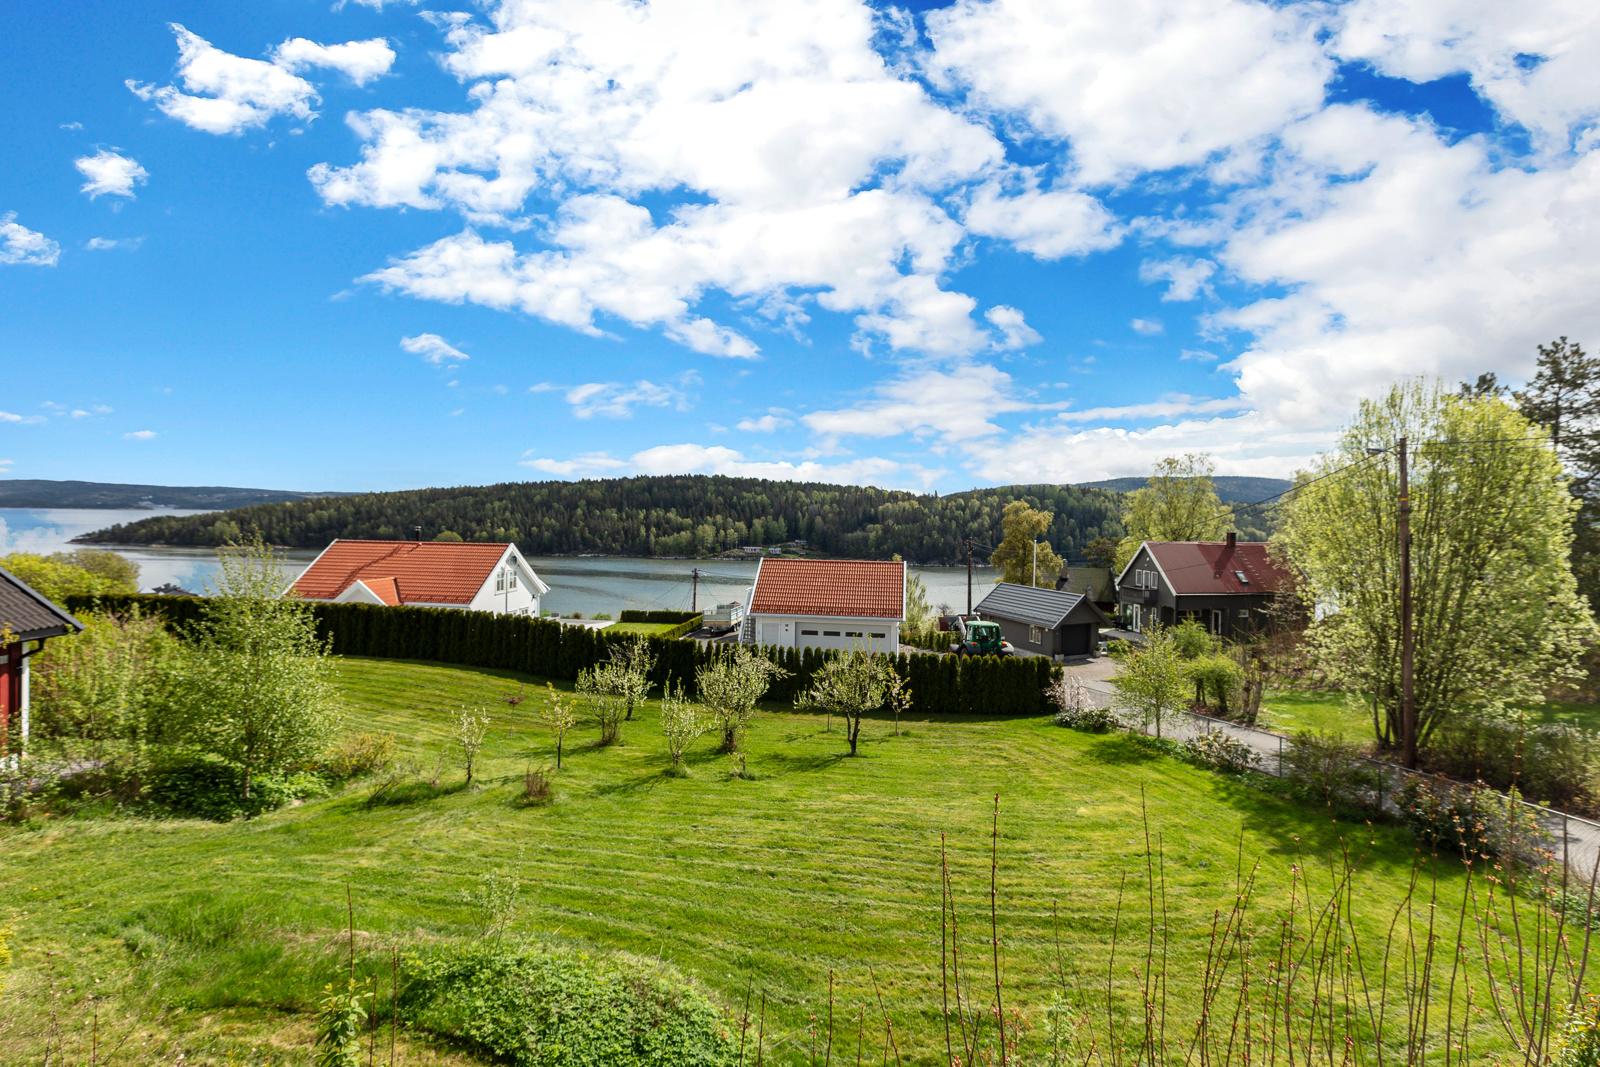 Meget flott boligtomt beliggende i et etablert boligområde i Åros